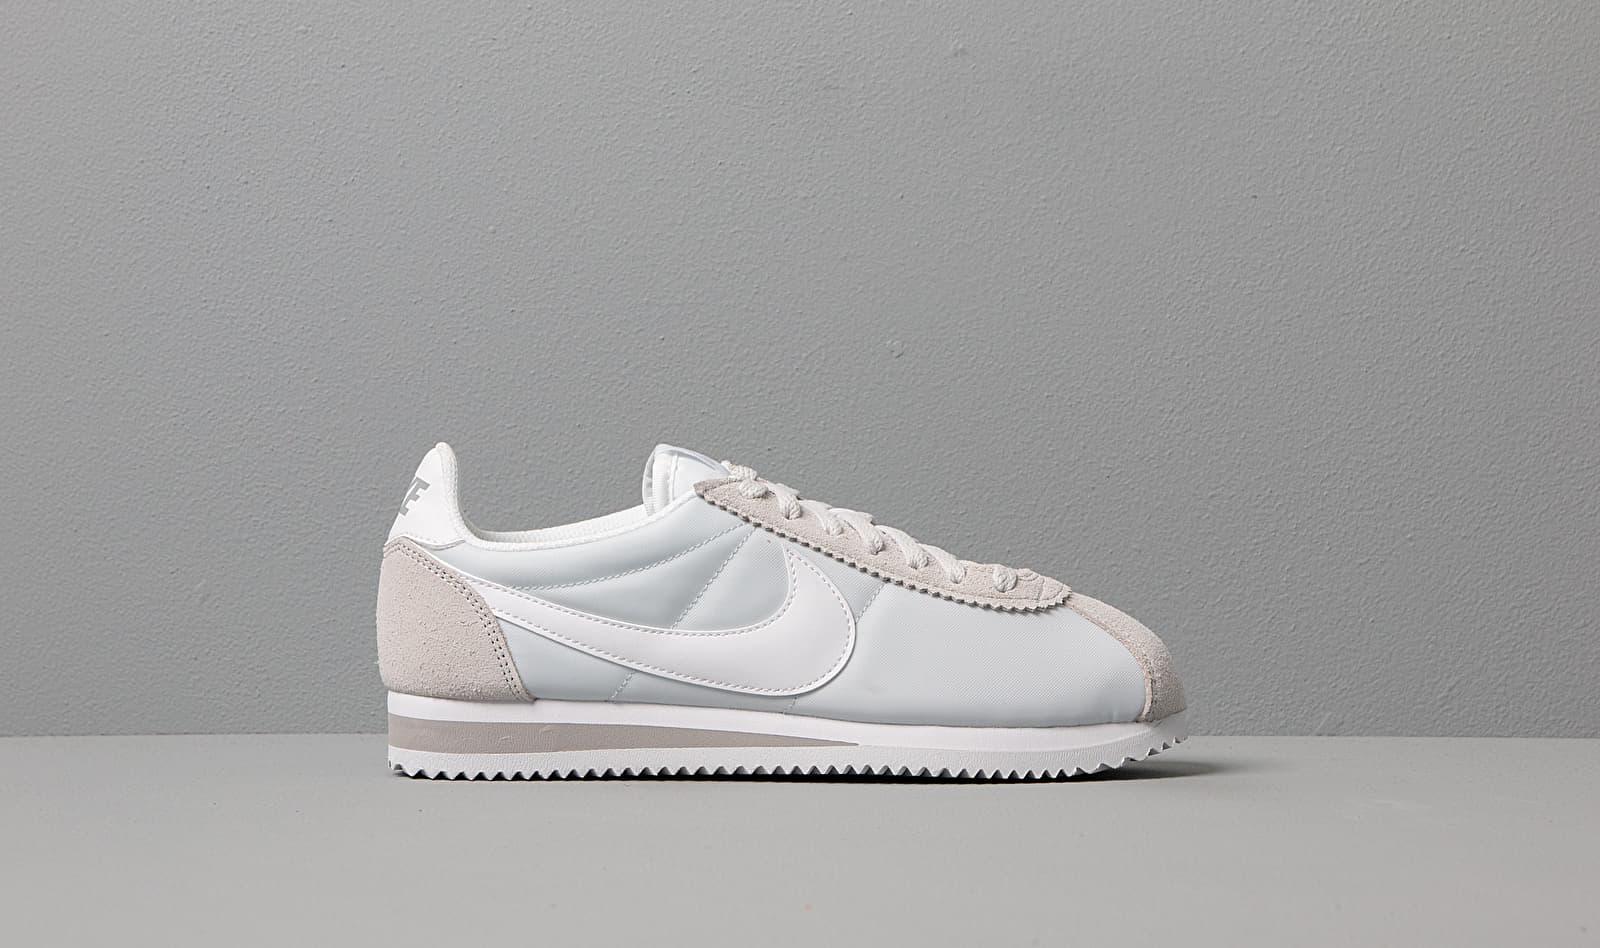 Wmns Classic Cortez Nylon Pure Platinum/ White en Synthétique Nike